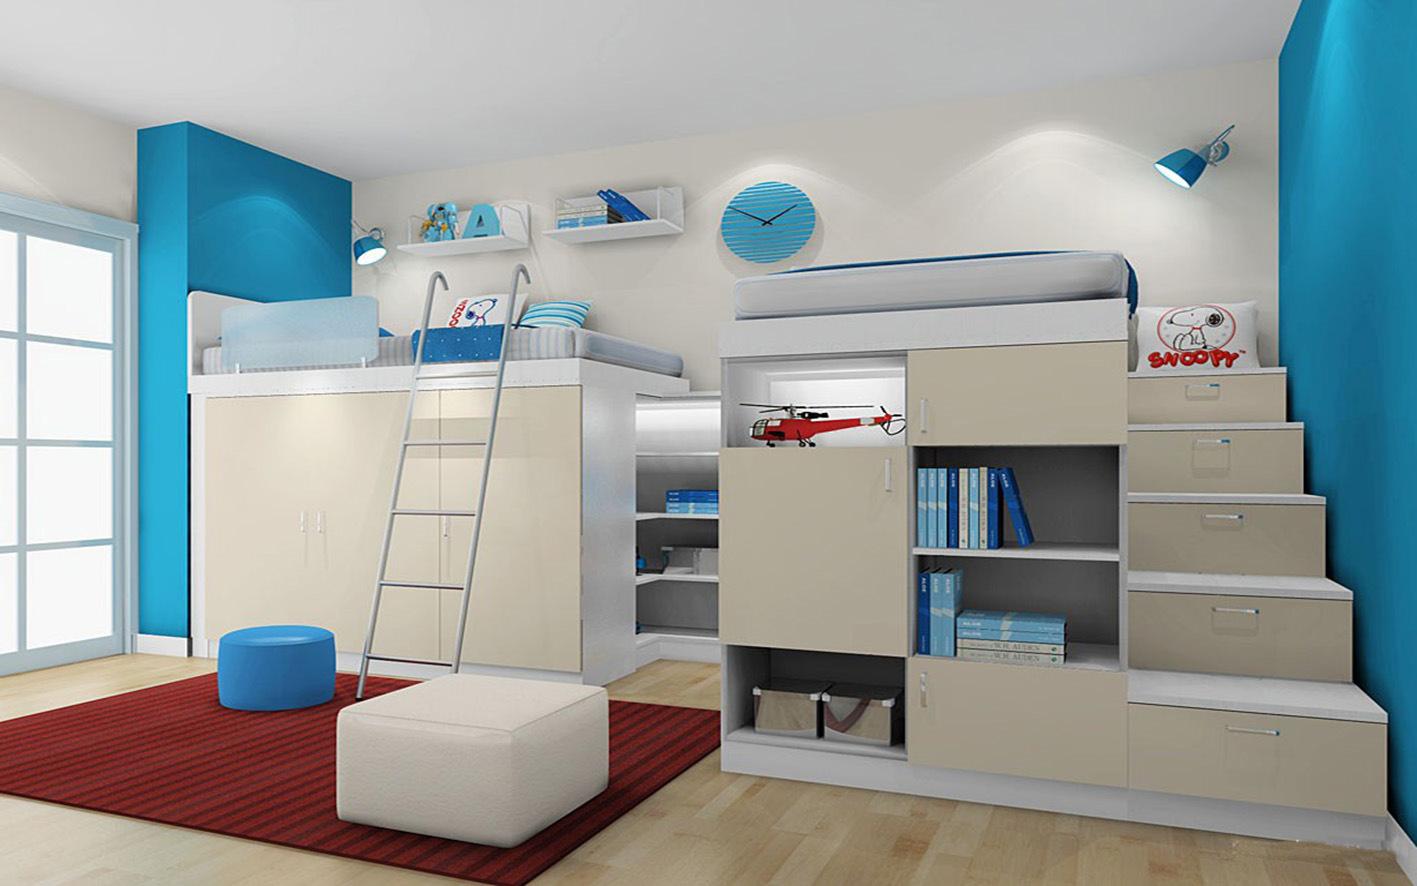 Foto de italianos inicio melamina muebles de dormitorio cama para ni os et 009 en es made in - Muebles dormitorio ninos ...